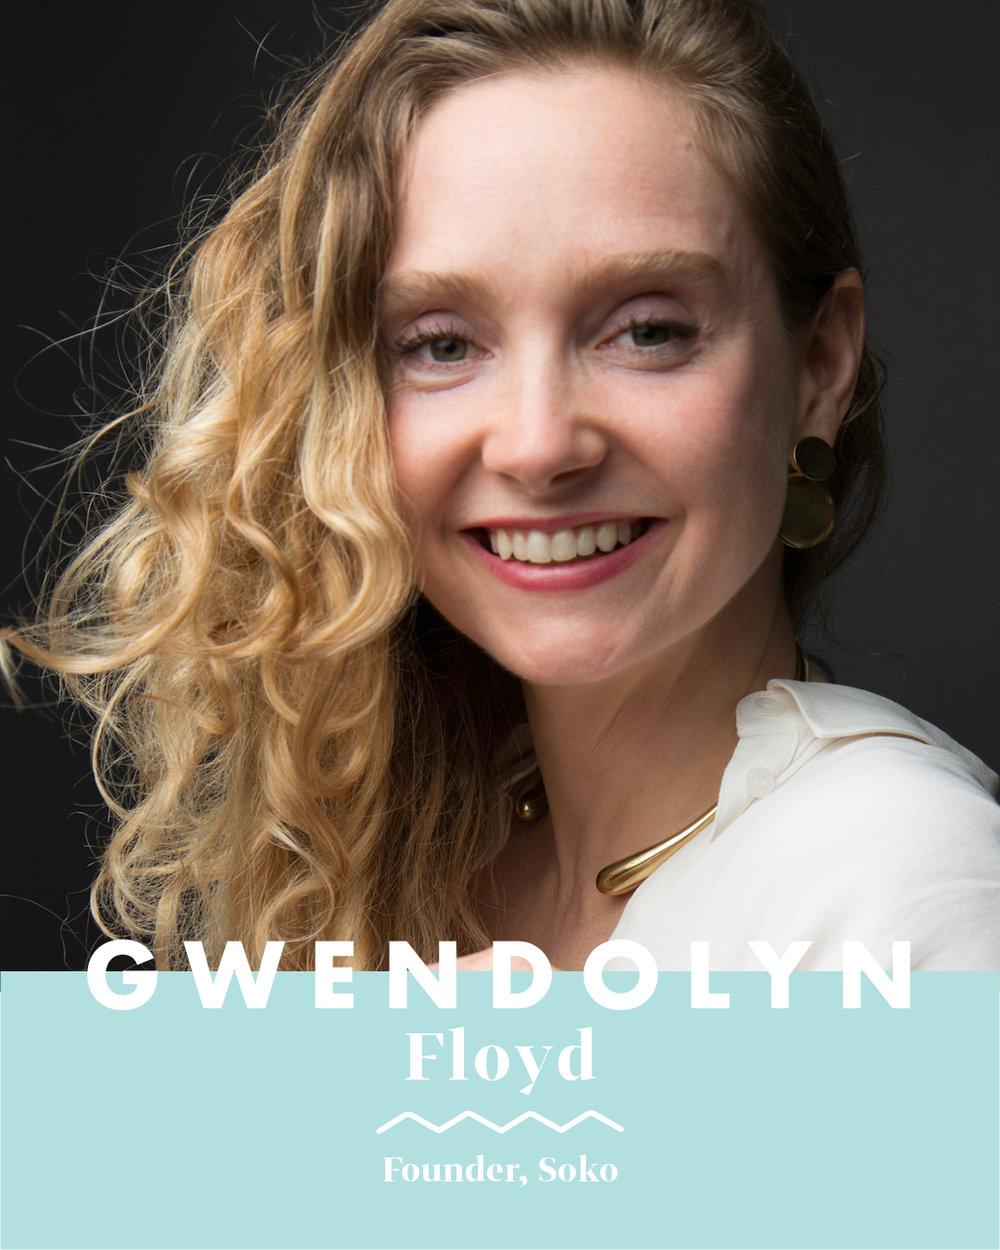 gwendolyn-floyd.jpg